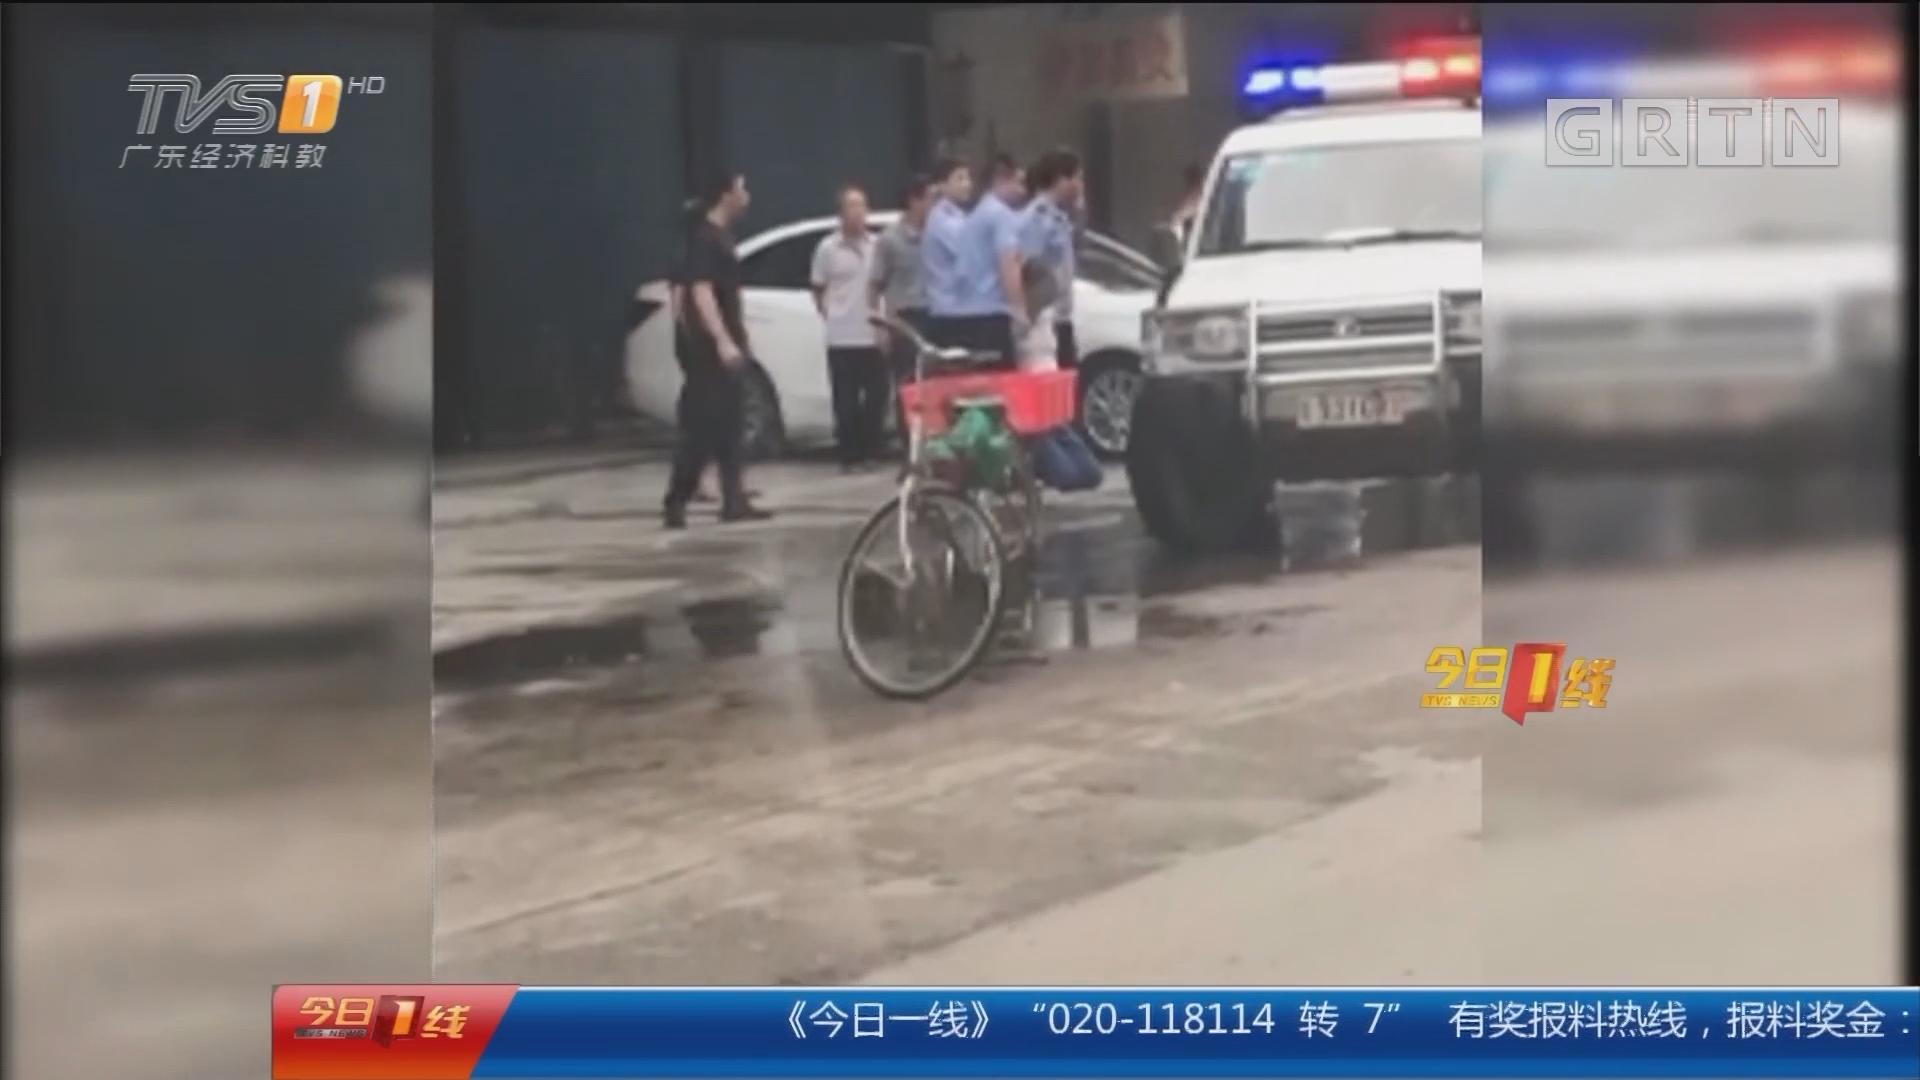 揭阳榕城区:三轮车工友不畏险情 助警追凶